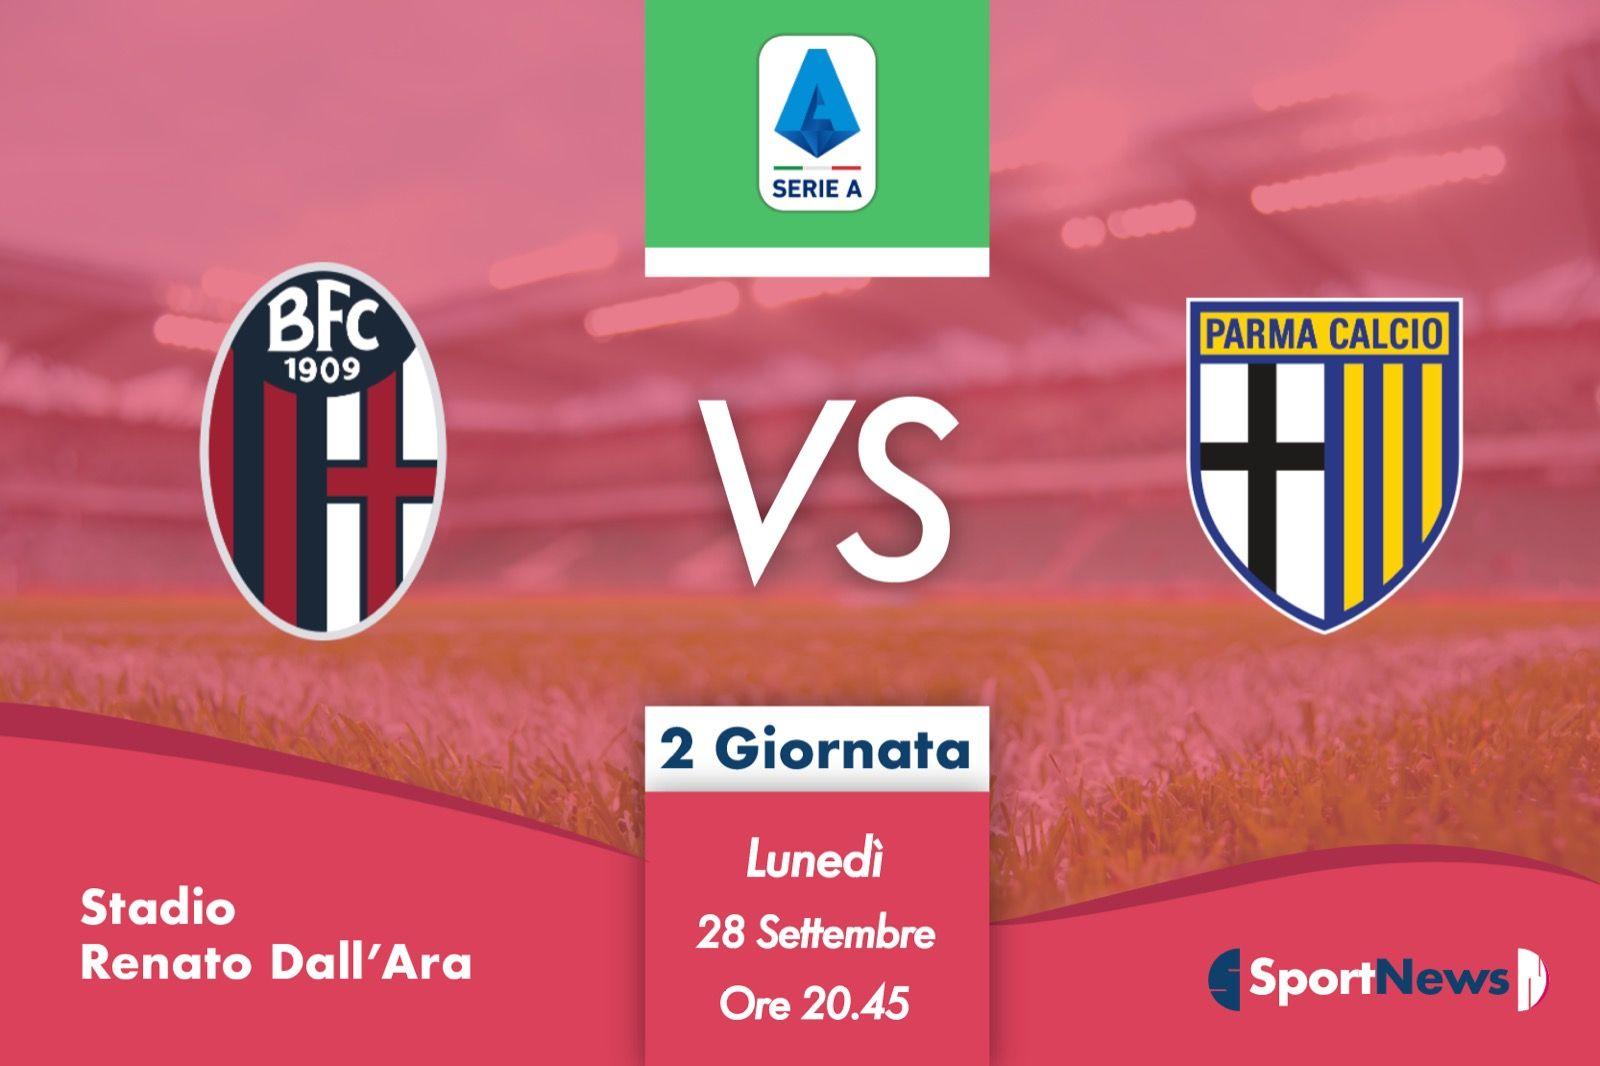 Serie A | 2ª Giornata : Bologna-Parma. Probabili formazioni, dove vederla in tv e streaming